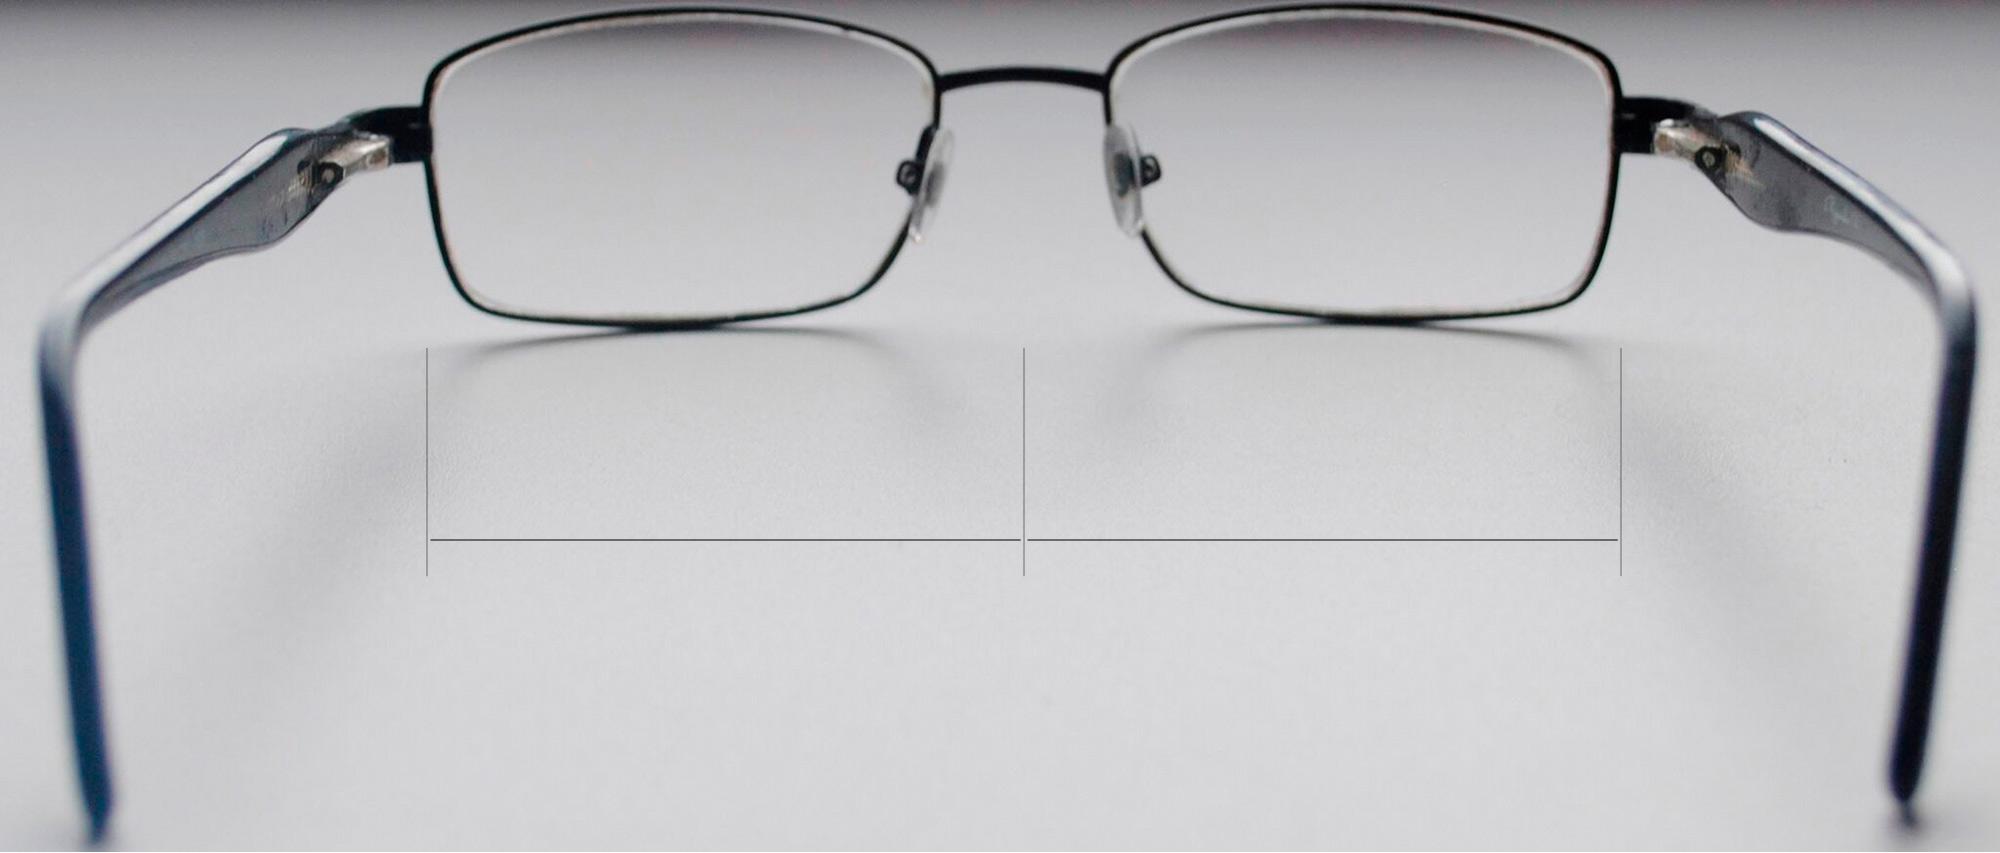 В симметричных очках расстояния от краев ободков до середины моста равные